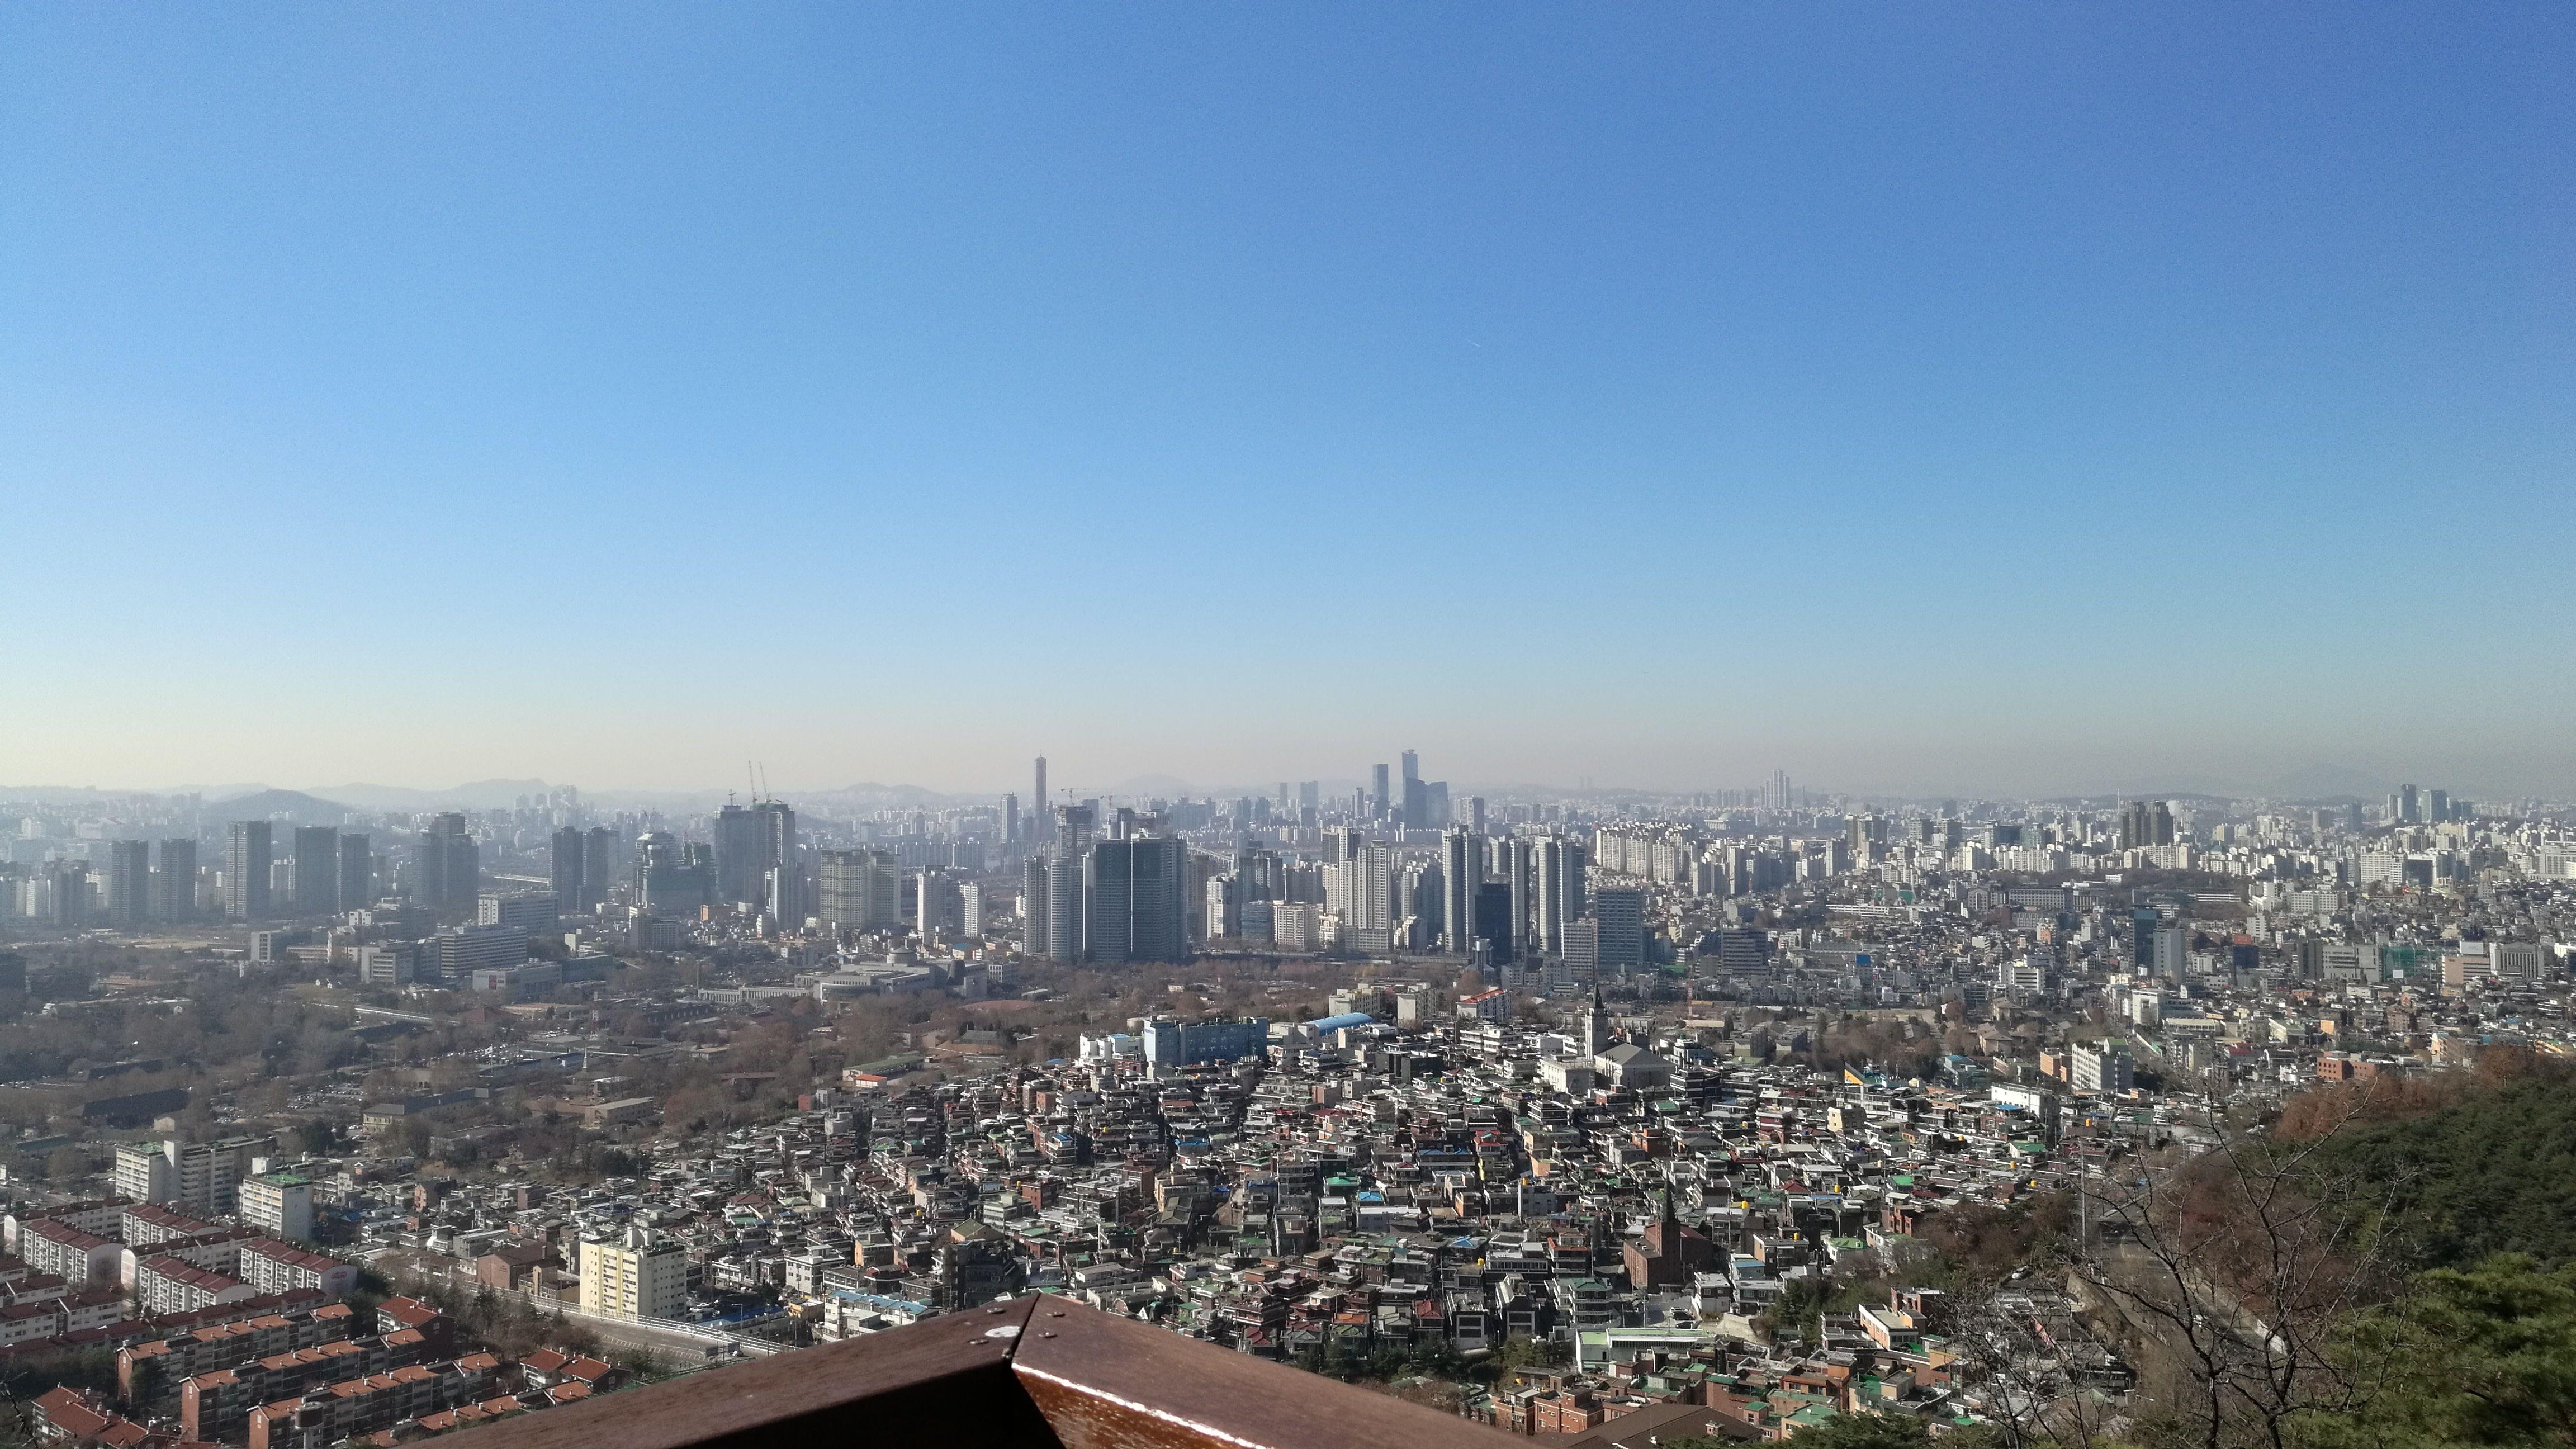 Vistas de Seúl desde la N S Tower